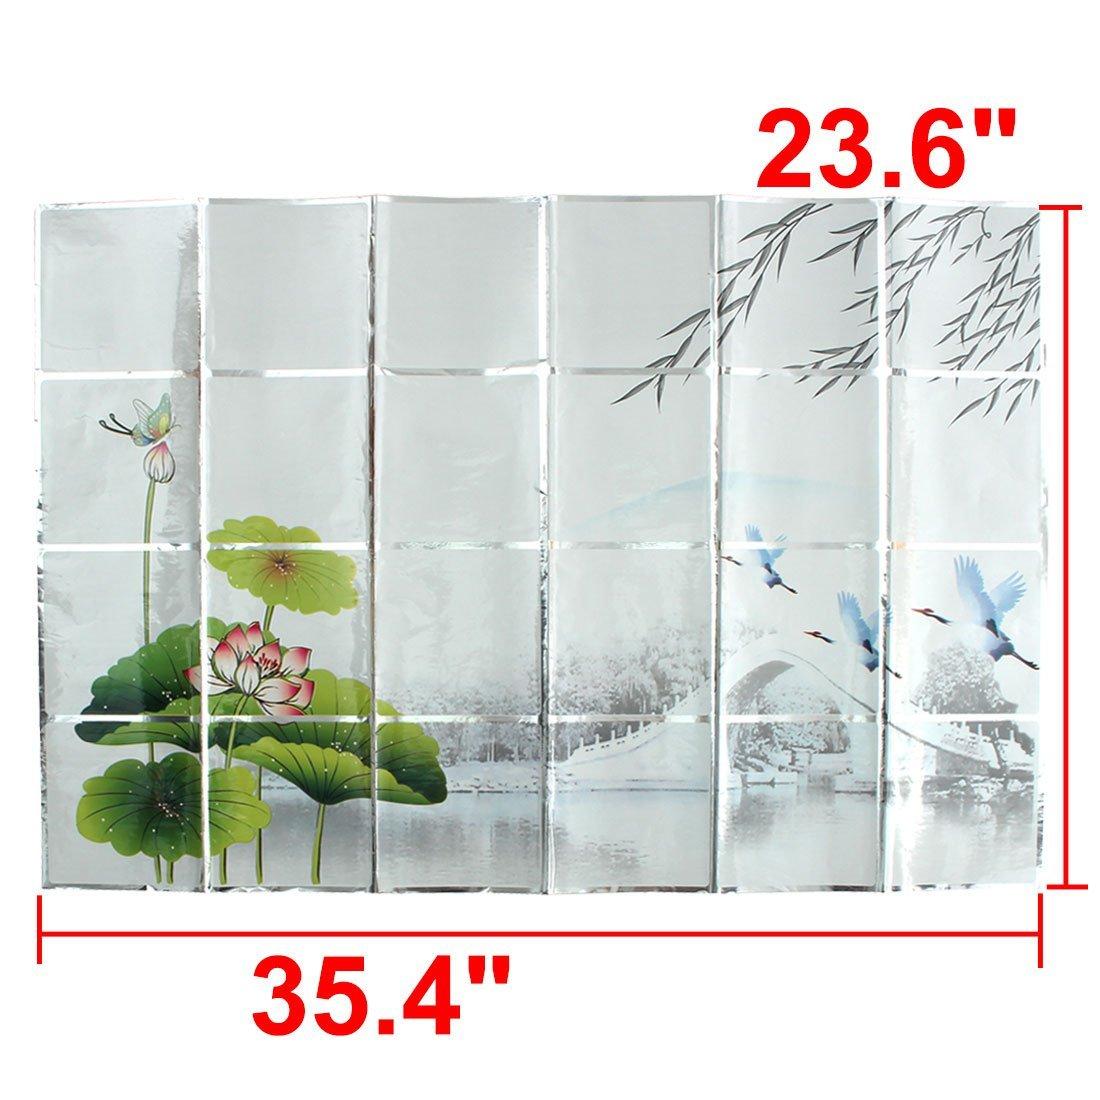 Patrón eDealMax PVC # 1 restaurante de la cocina Agua grasa resistente al aceite Cubierta de pared etiqueta - - Amazon.com